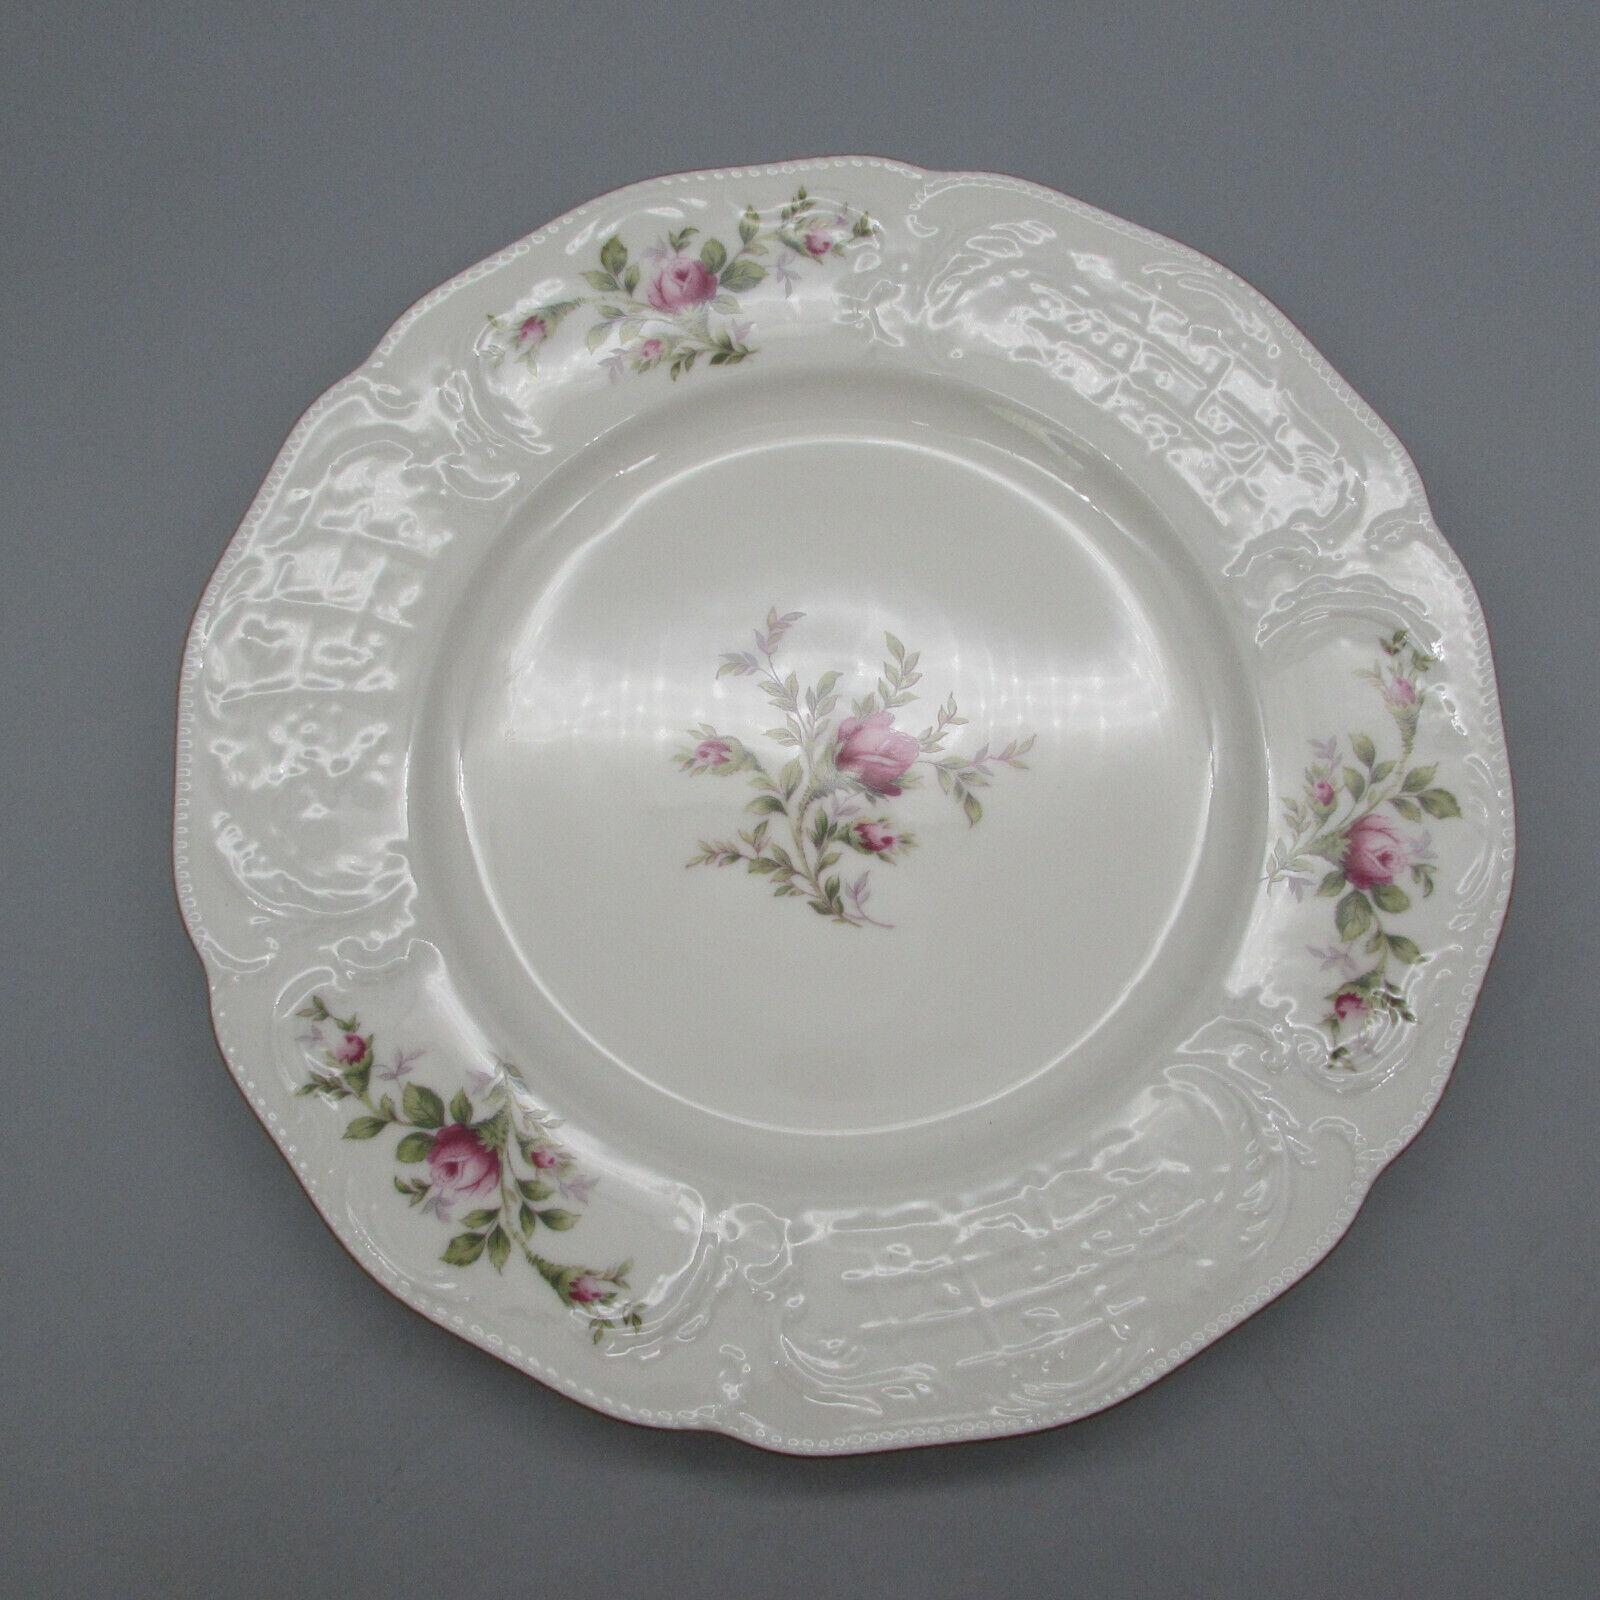 Rosenthal sanssouci dinner plate 26cm